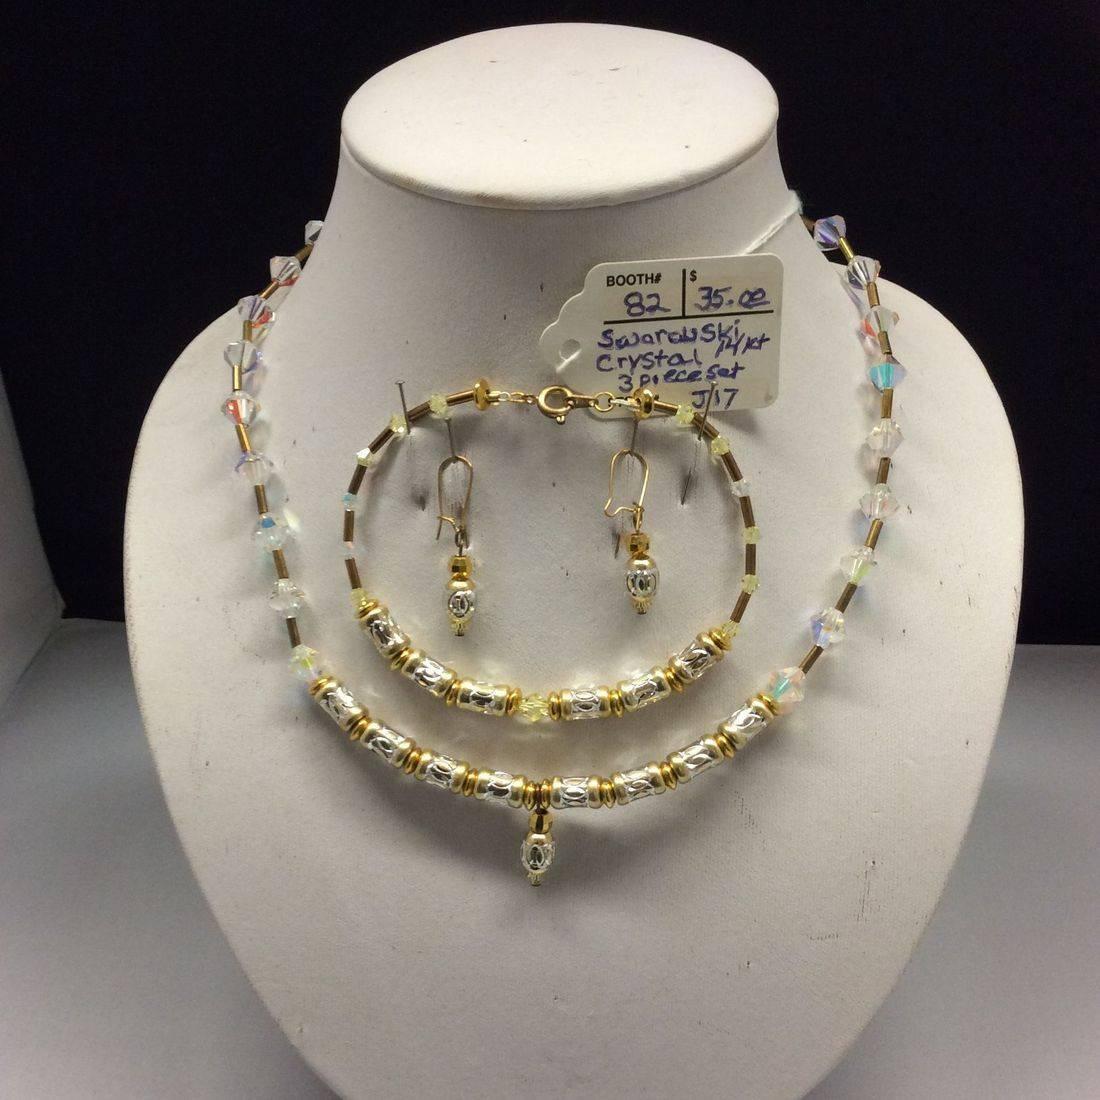 Swarovski Crystal, 14K, 3-pc. Necklace, Bracelet & Earring Set  $35.00